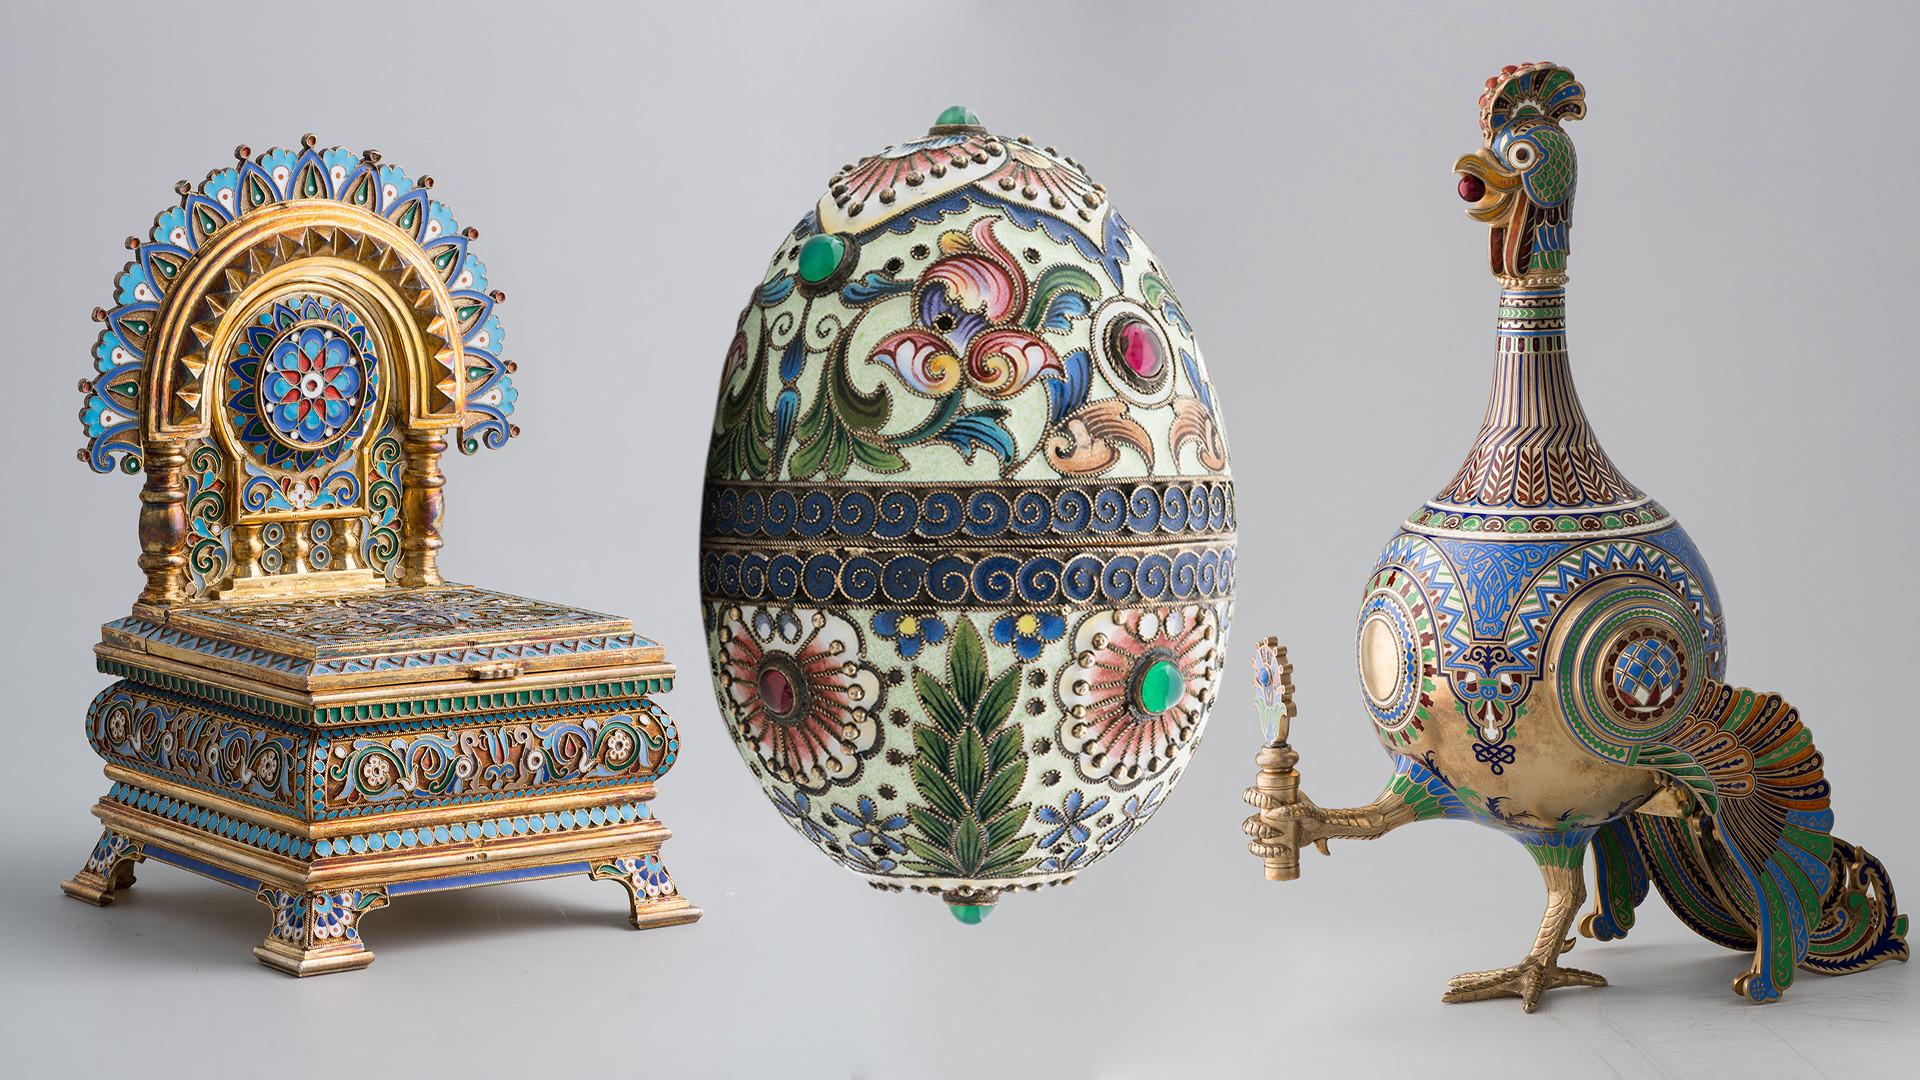 Dari kiri ke kanan: Tempat garam buatan Rumah Fabergé, Telur Paskah buatan Perusahaan Rückert, botol koktail buatan Perusahaan I.P. Khlebnikov.